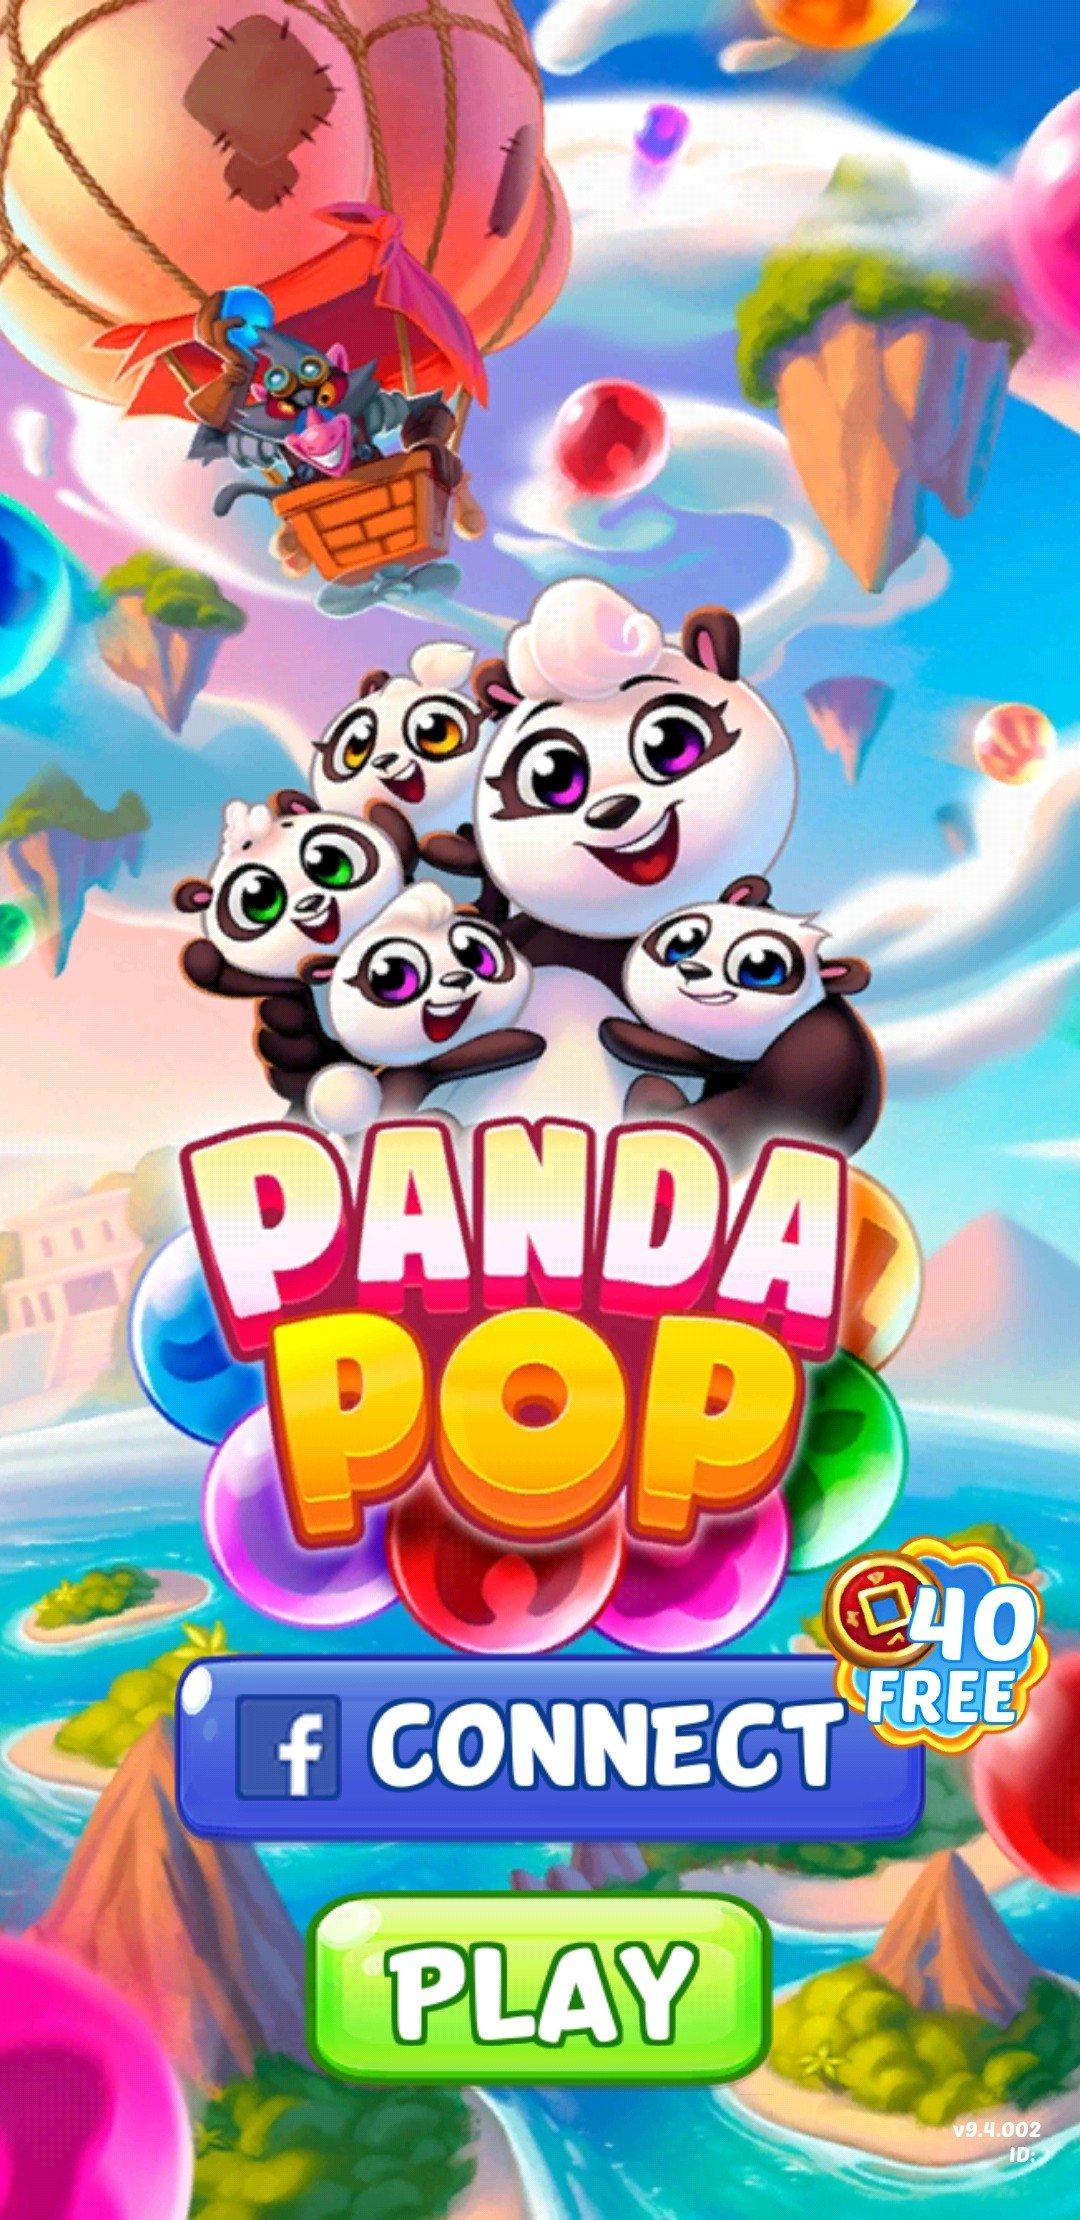 Juegos De Pandas Gratis